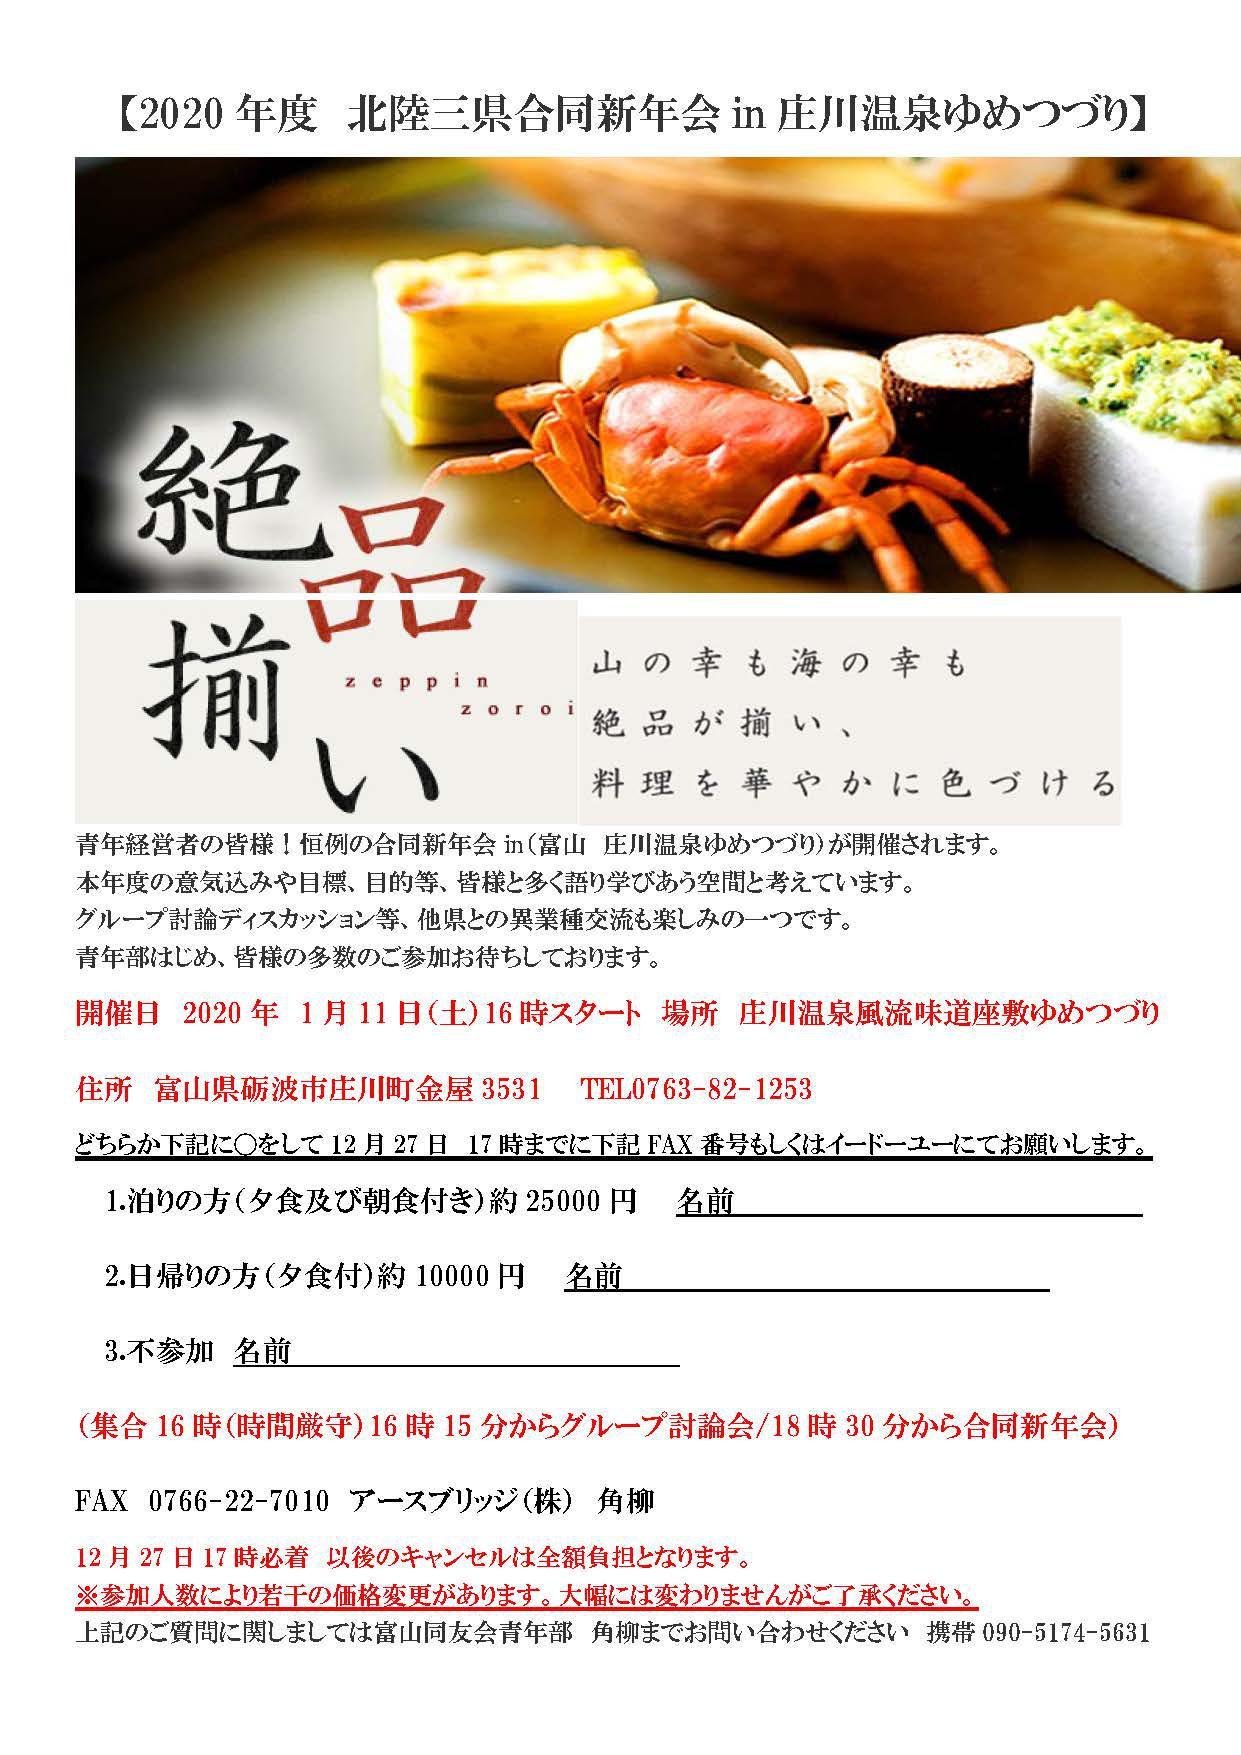 青年部会「2020 年度 北陸三県合同新年会in 庄川温泉ゆめつづり」のご案内 ※開催終了しました